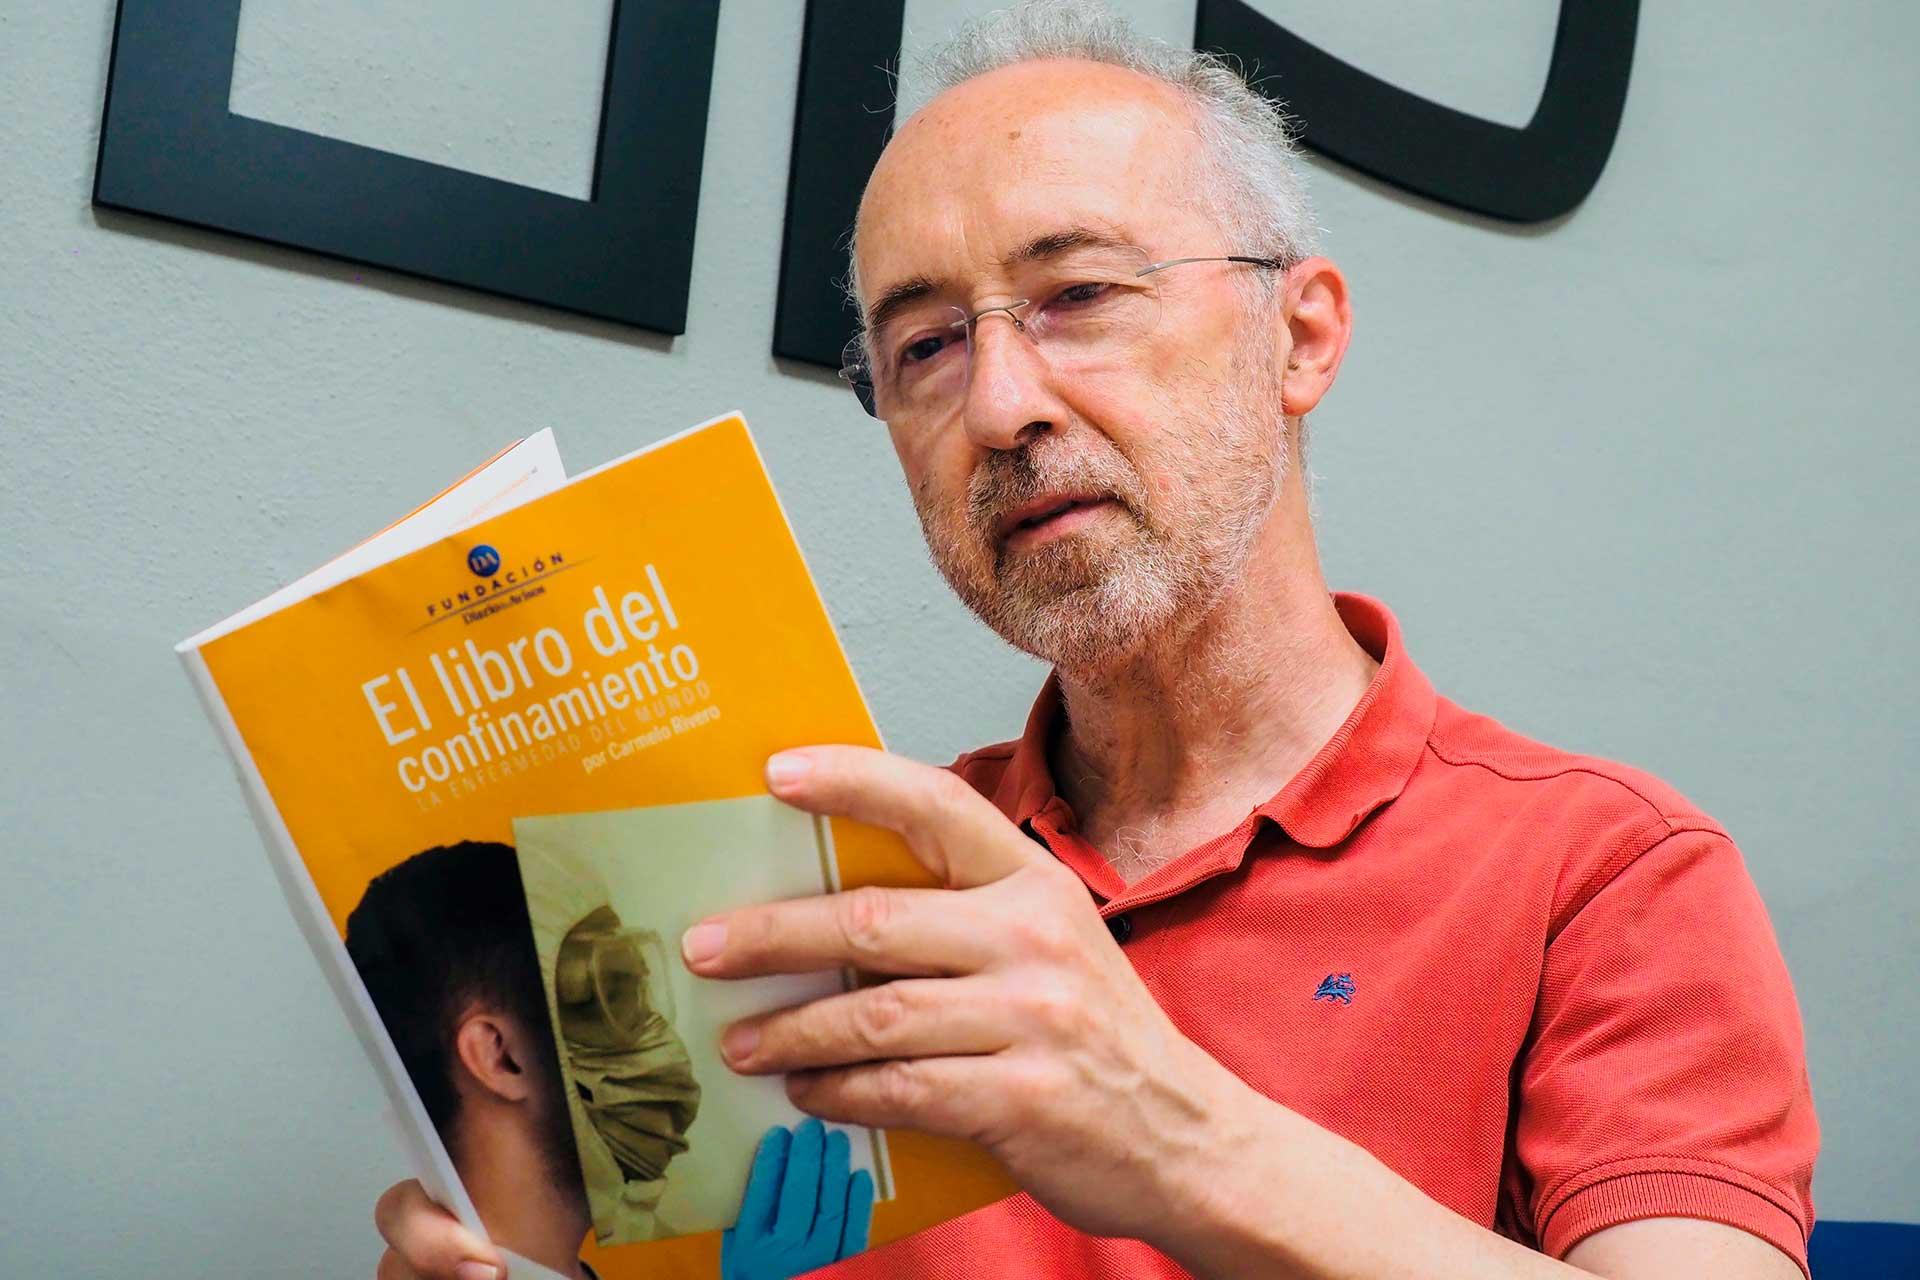 Carmelo Rivero con El libro del confinamiento